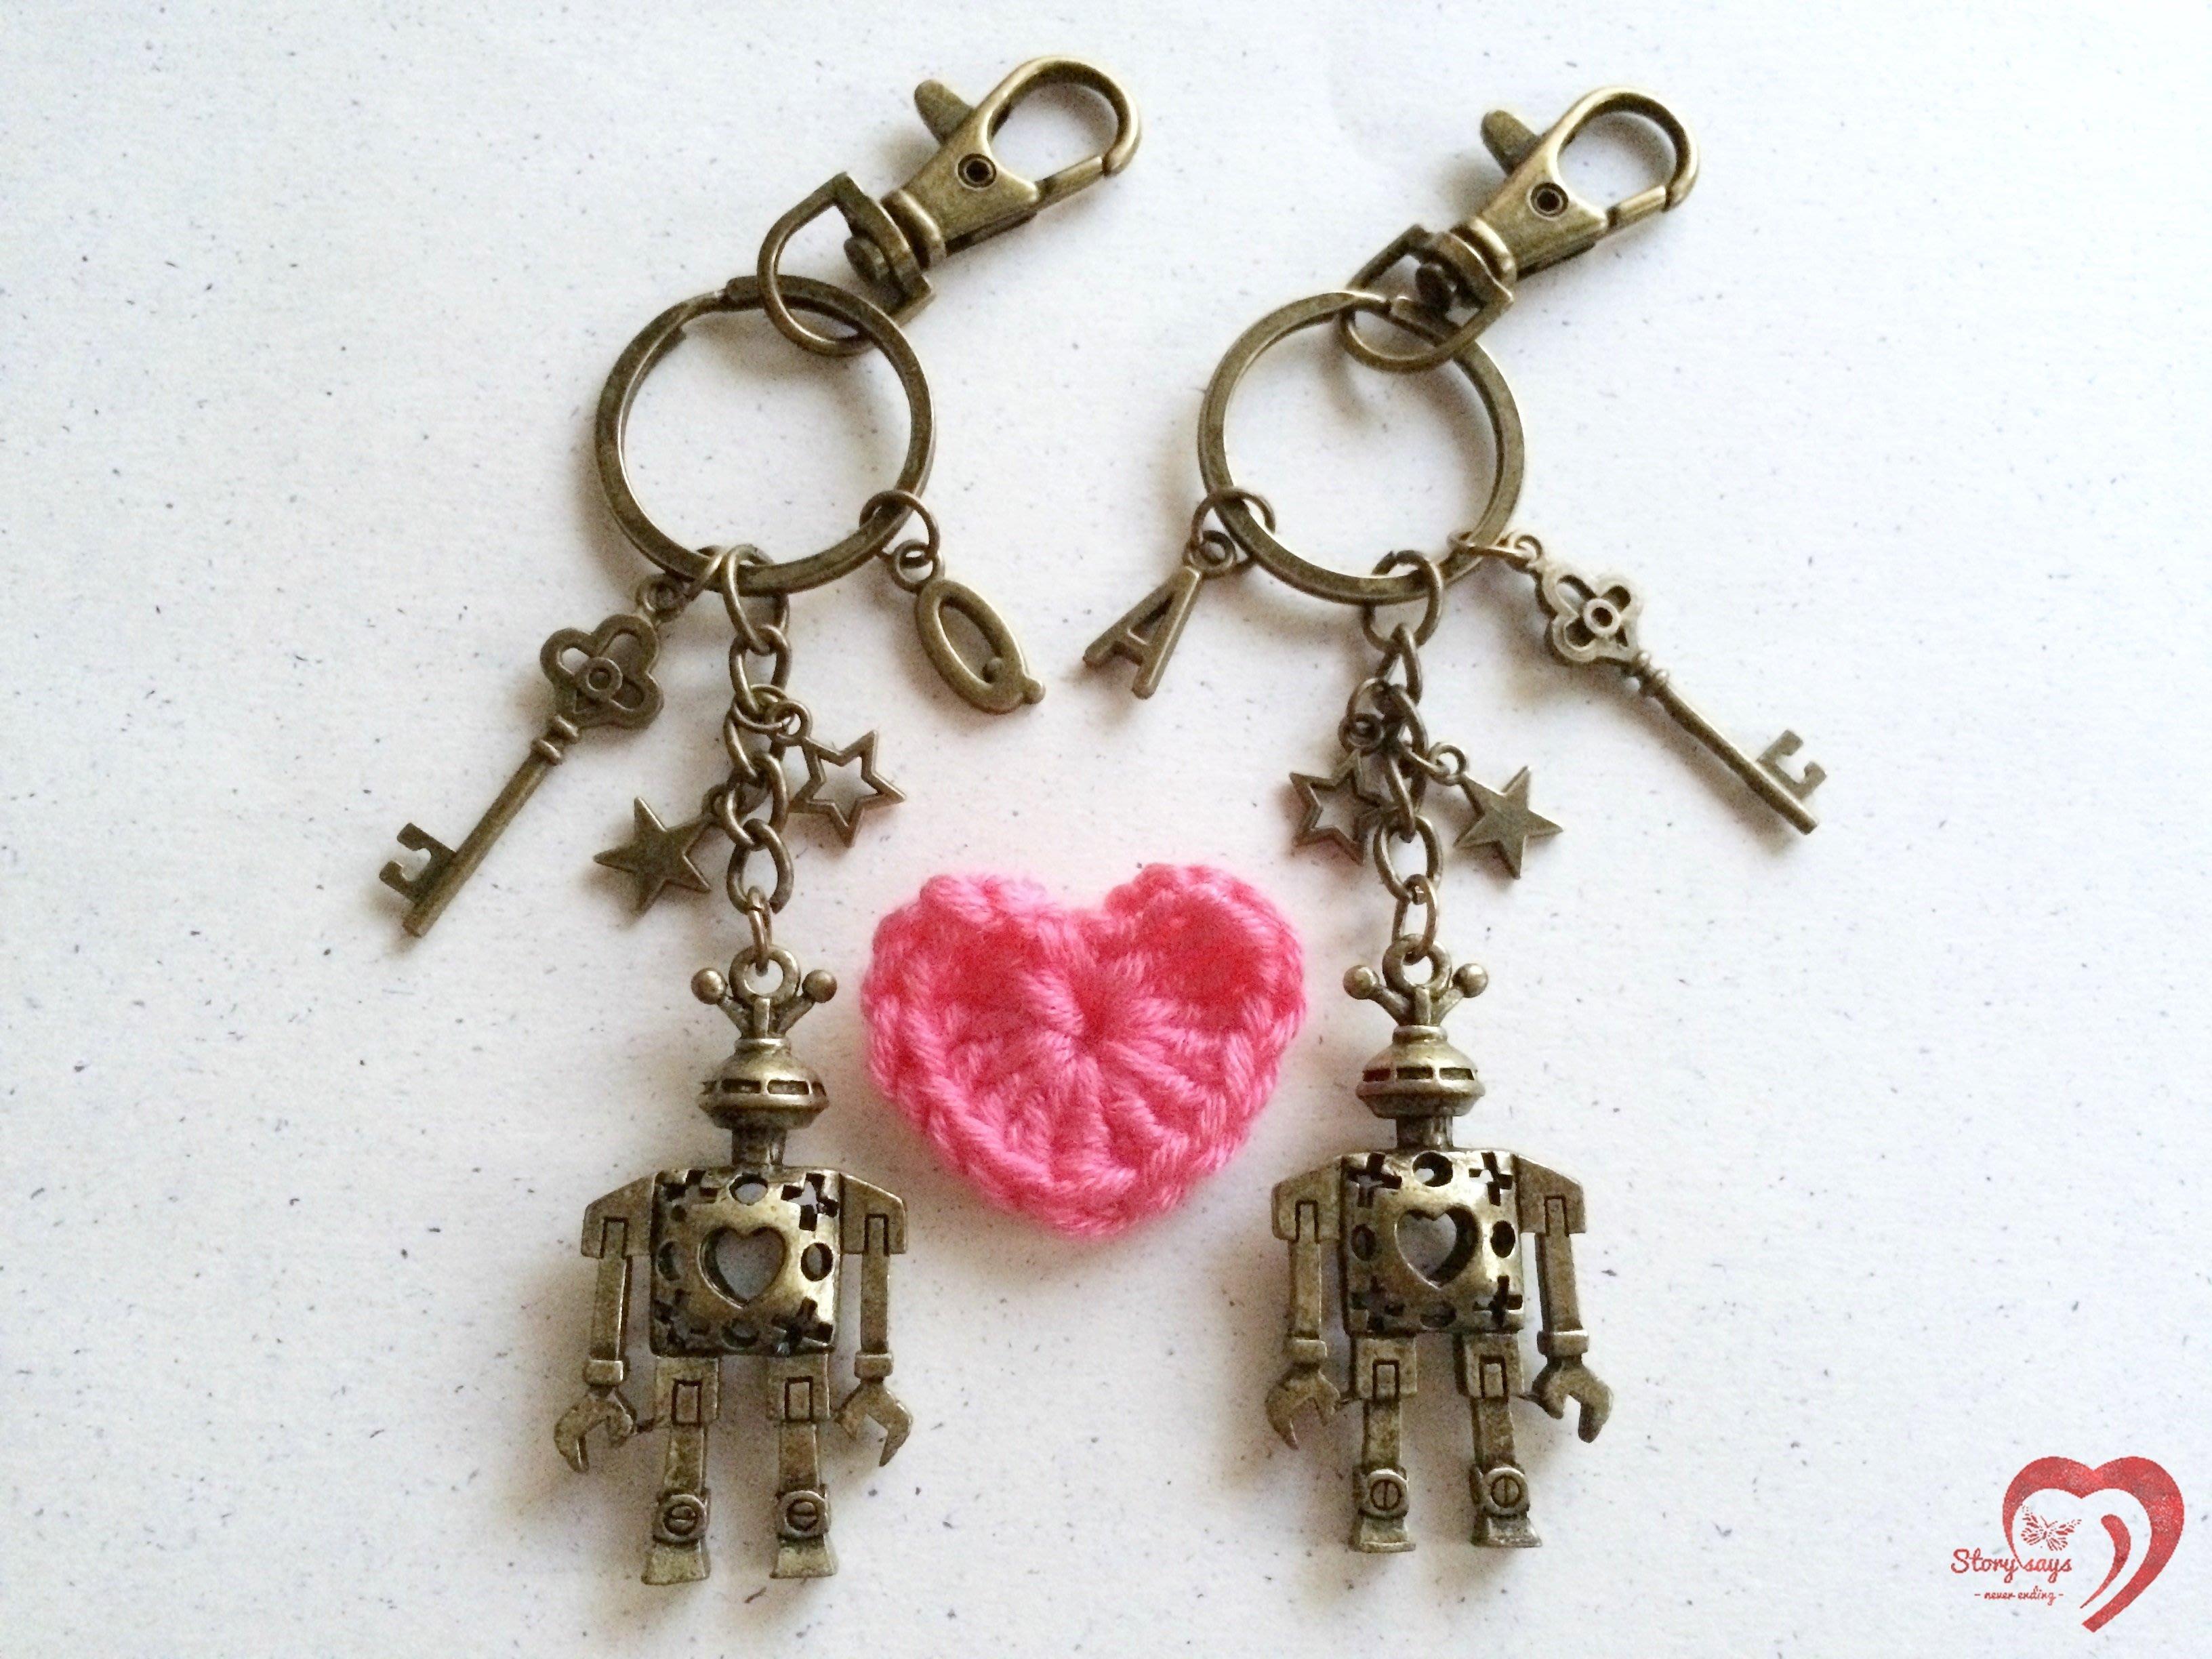 ♥ STORY SAYS ♥【陪伴與守護】手創 客製愛の鑰成對古銅機器人鑰匙圈 情侶 朋友 閨蜜 禮物 生日 情人節